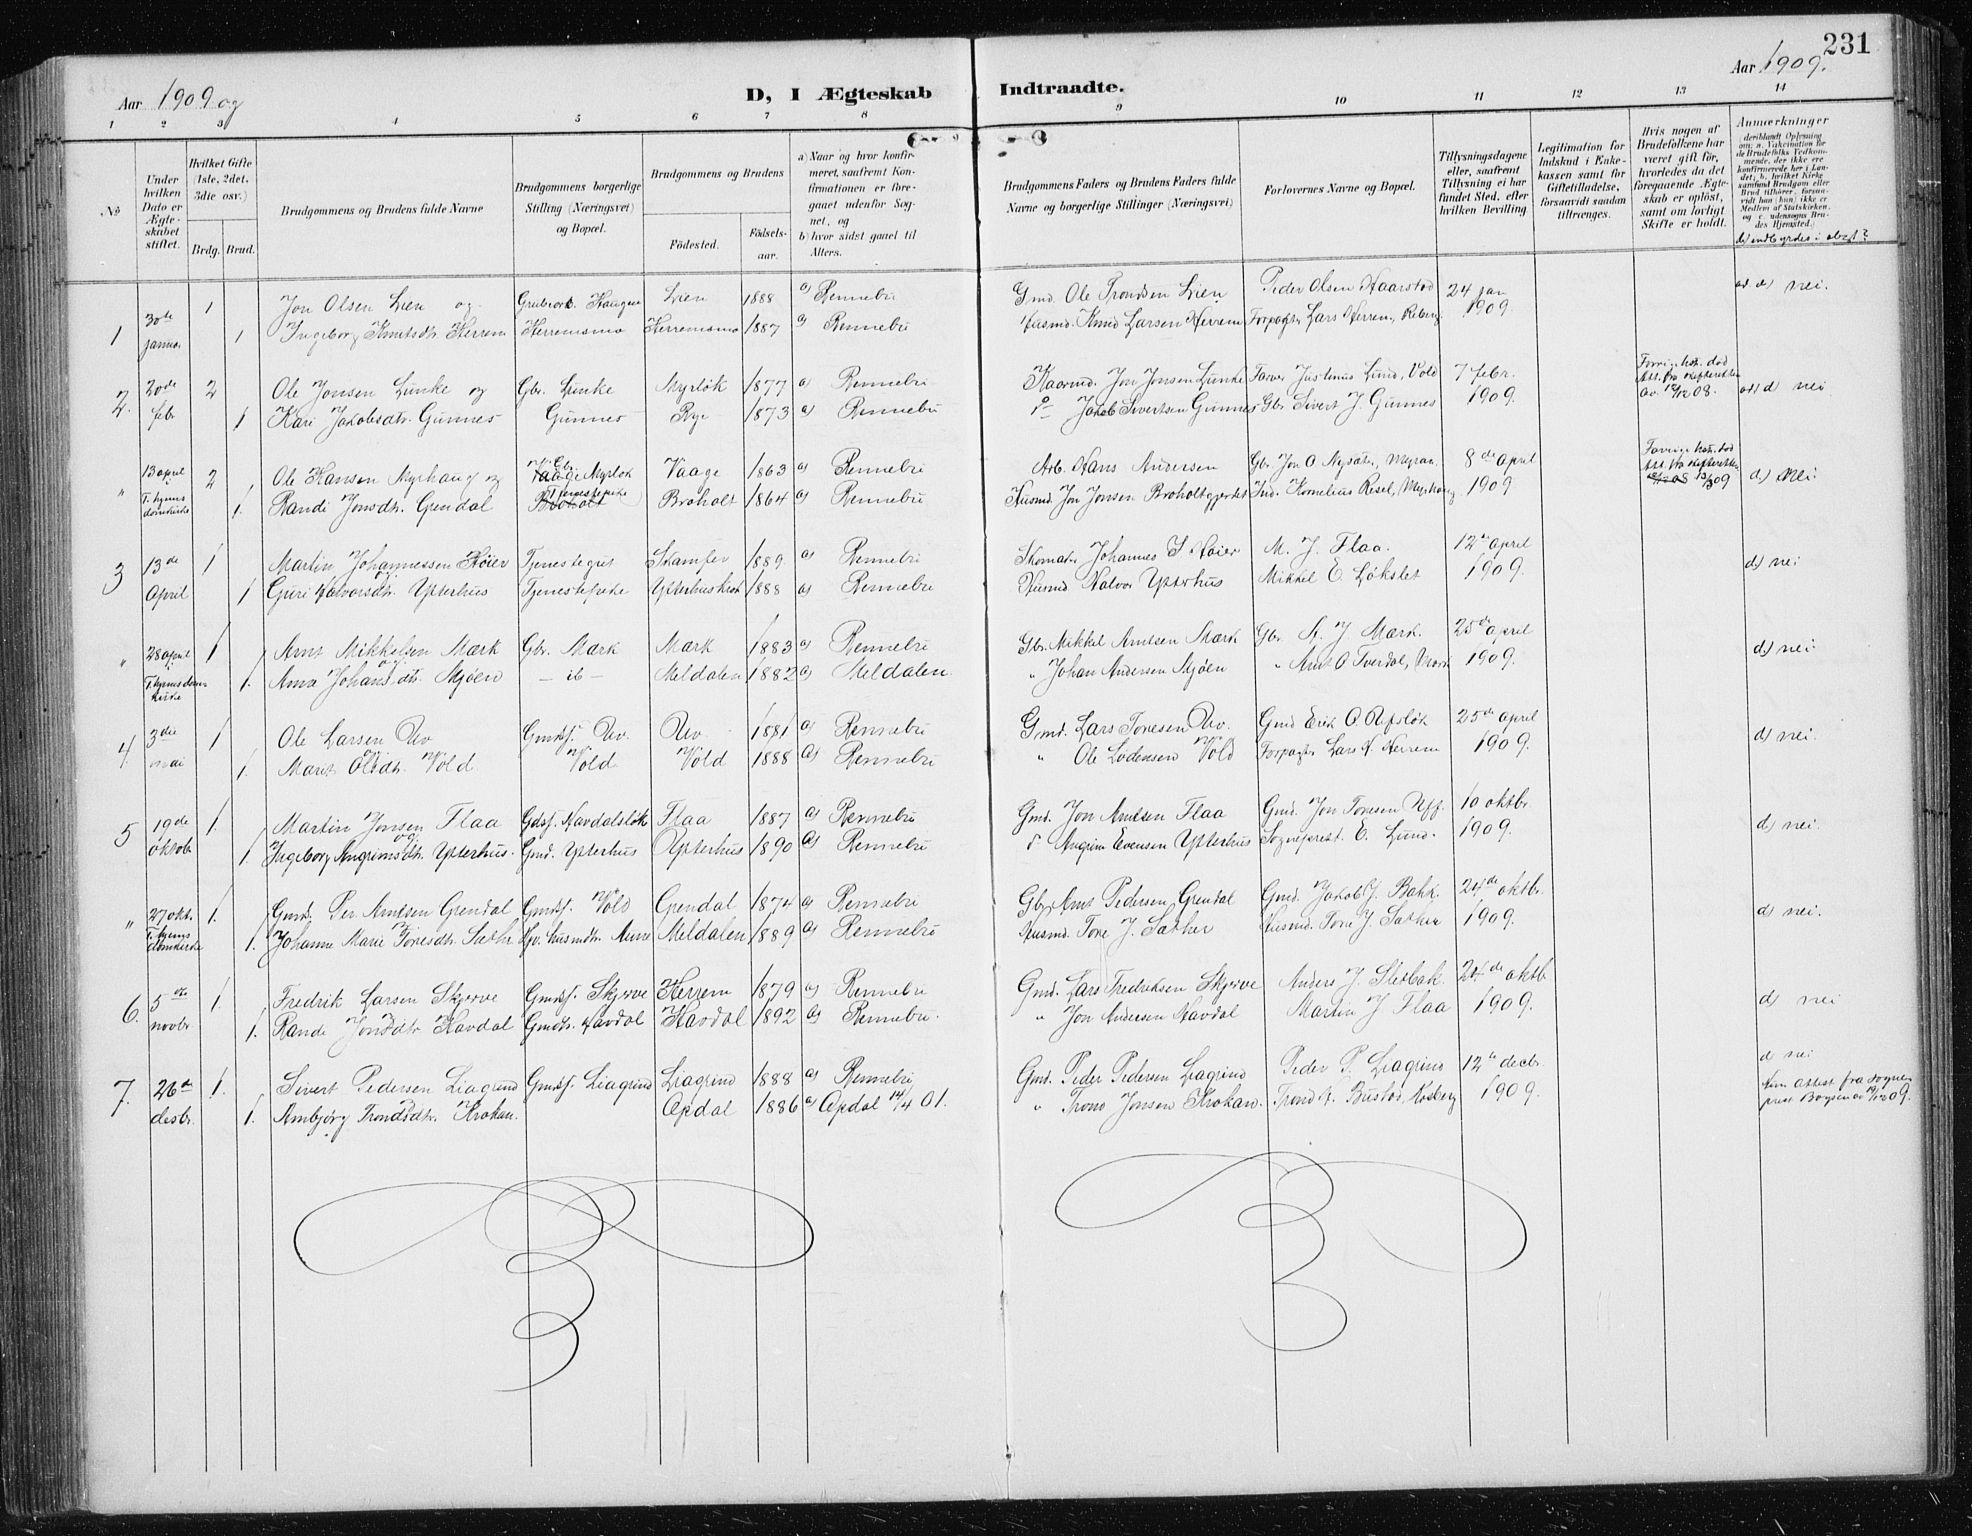 SAT, Ministerialprotokoller, klokkerbøker og fødselsregistre - Sør-Trøndelag, 674/L0876: Klokkerbok nr. 674C03, 1892-1912, s. 231